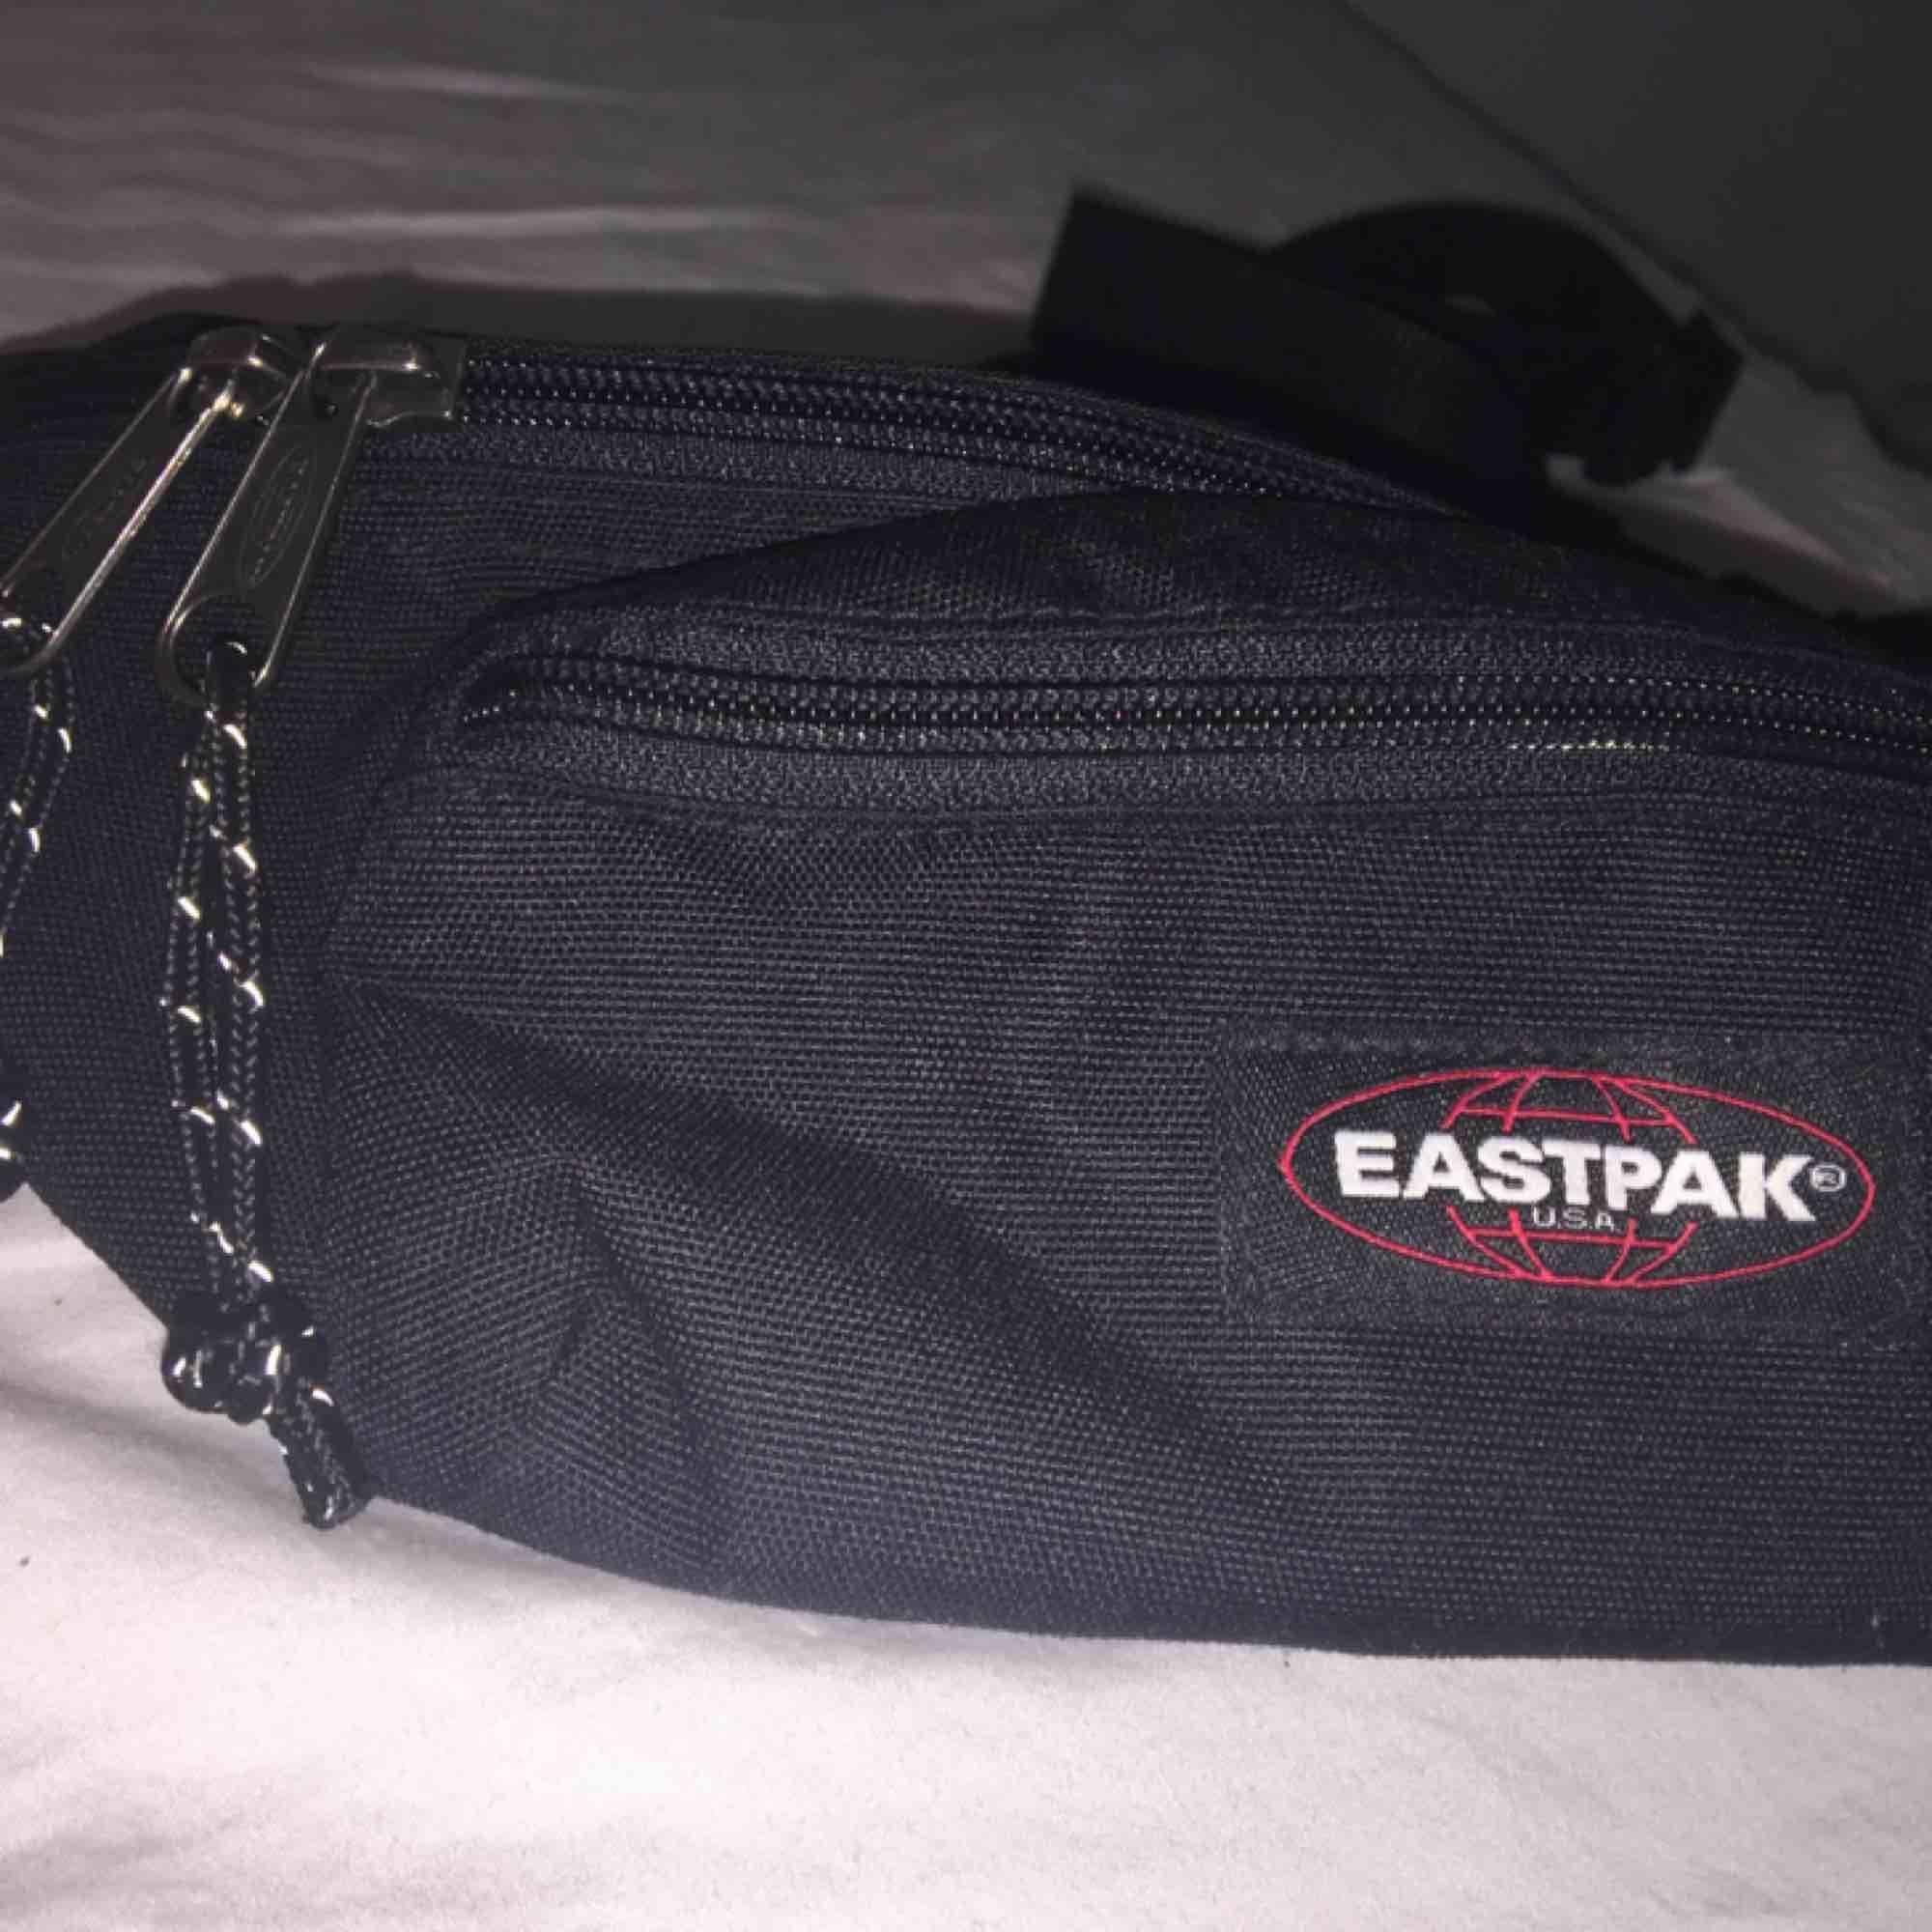 Svart Eastpak midjeväska med anpassningsbar storlek på remmen och två fack. Ett stort och ett litet. Väskan är använd några få gånger och fortfarande i nyskick. Köparen betalar frakt. Väskor.